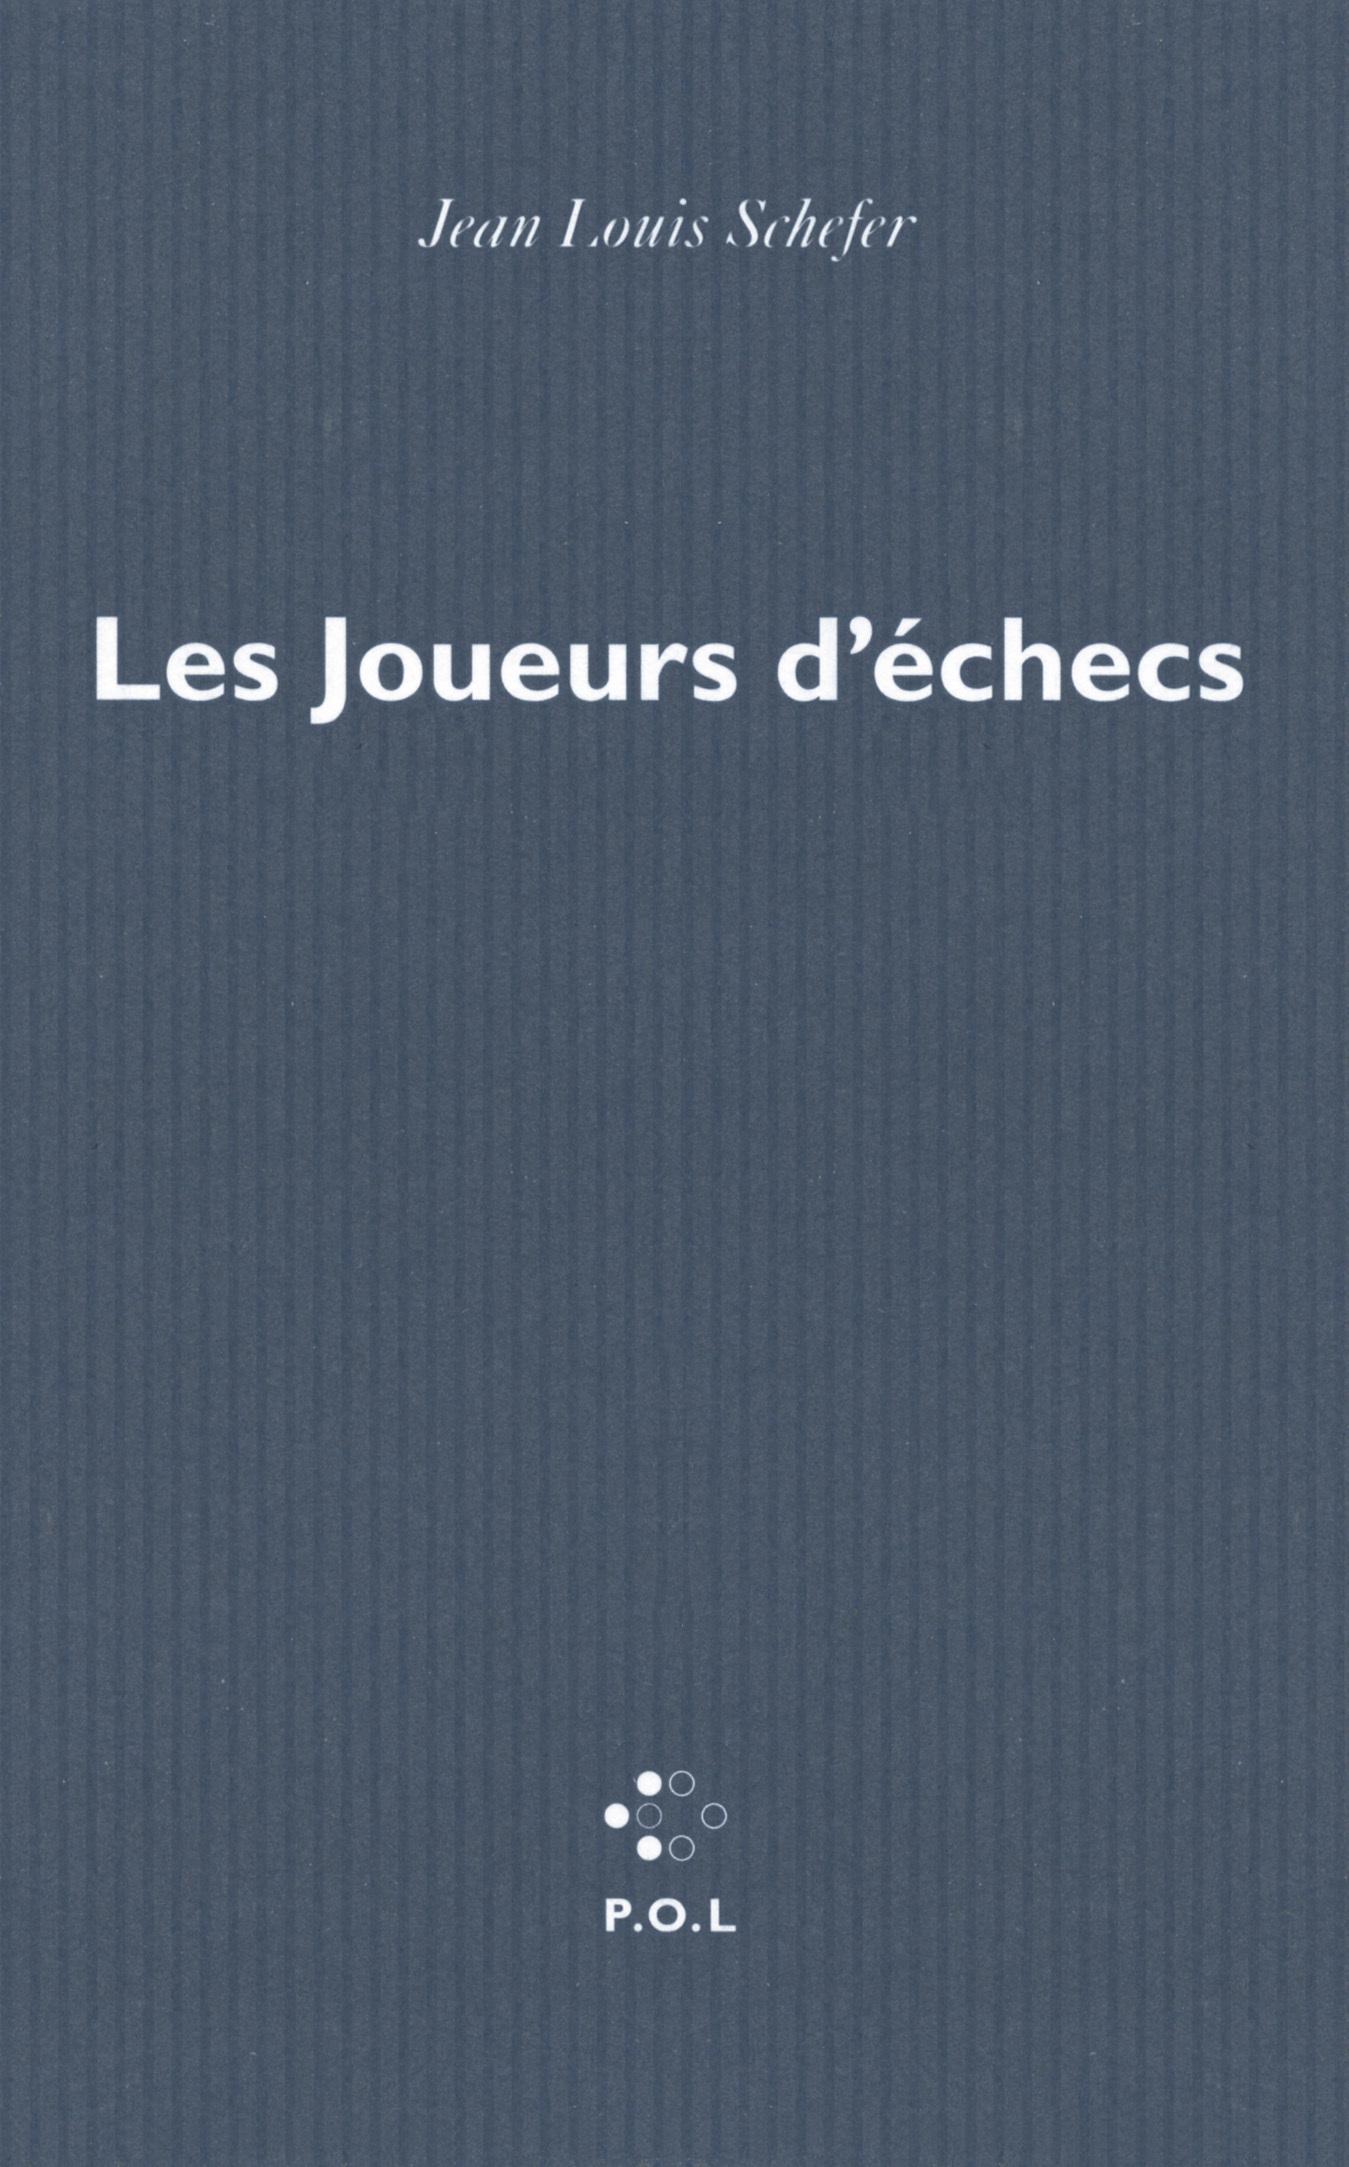 LES JOUEURS D'ECHECS